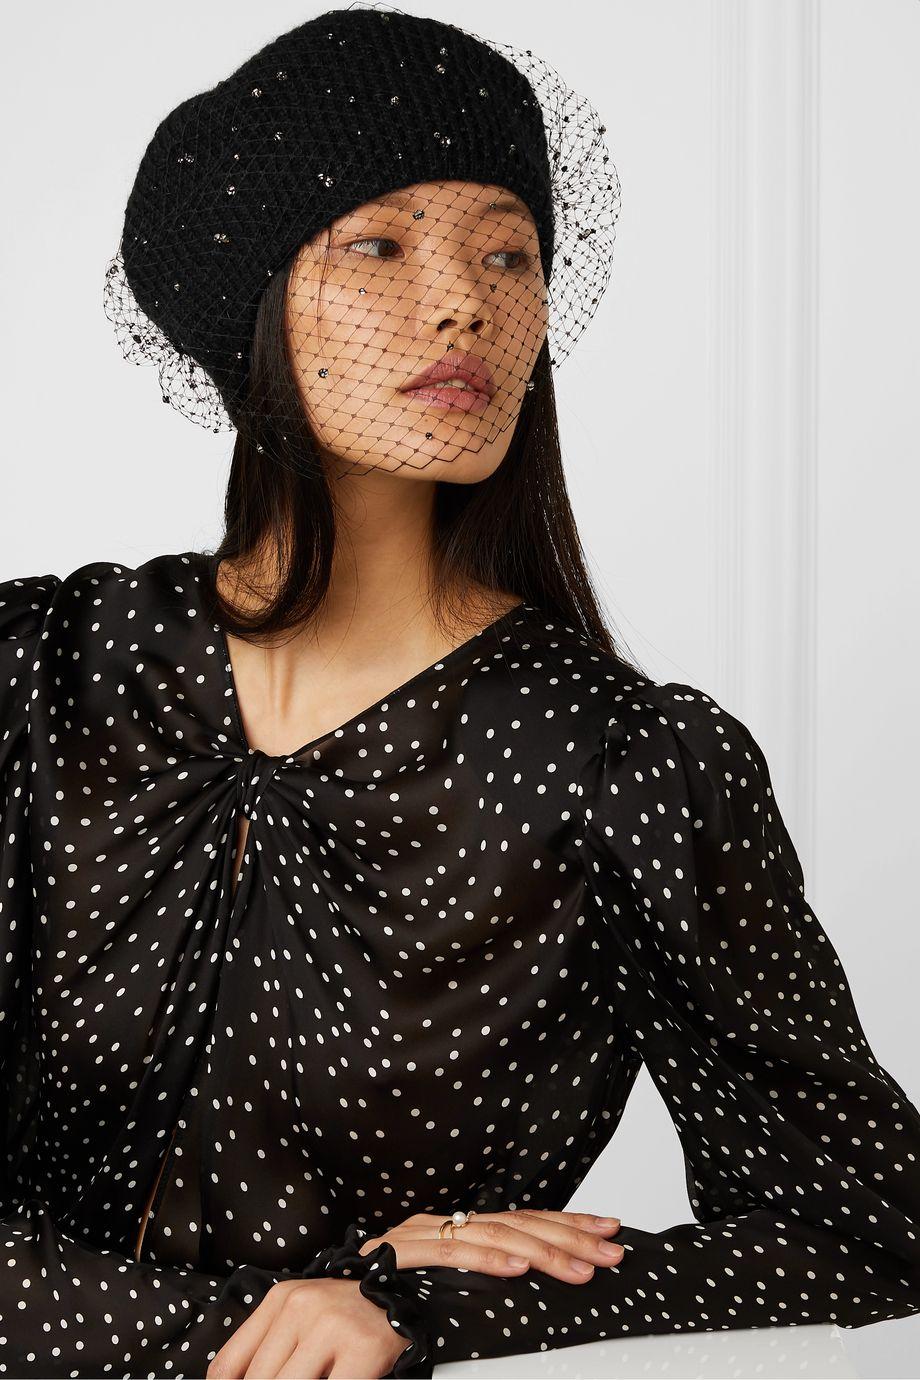 Jennifer Behr Crystal-embellished mesh and mohair beret